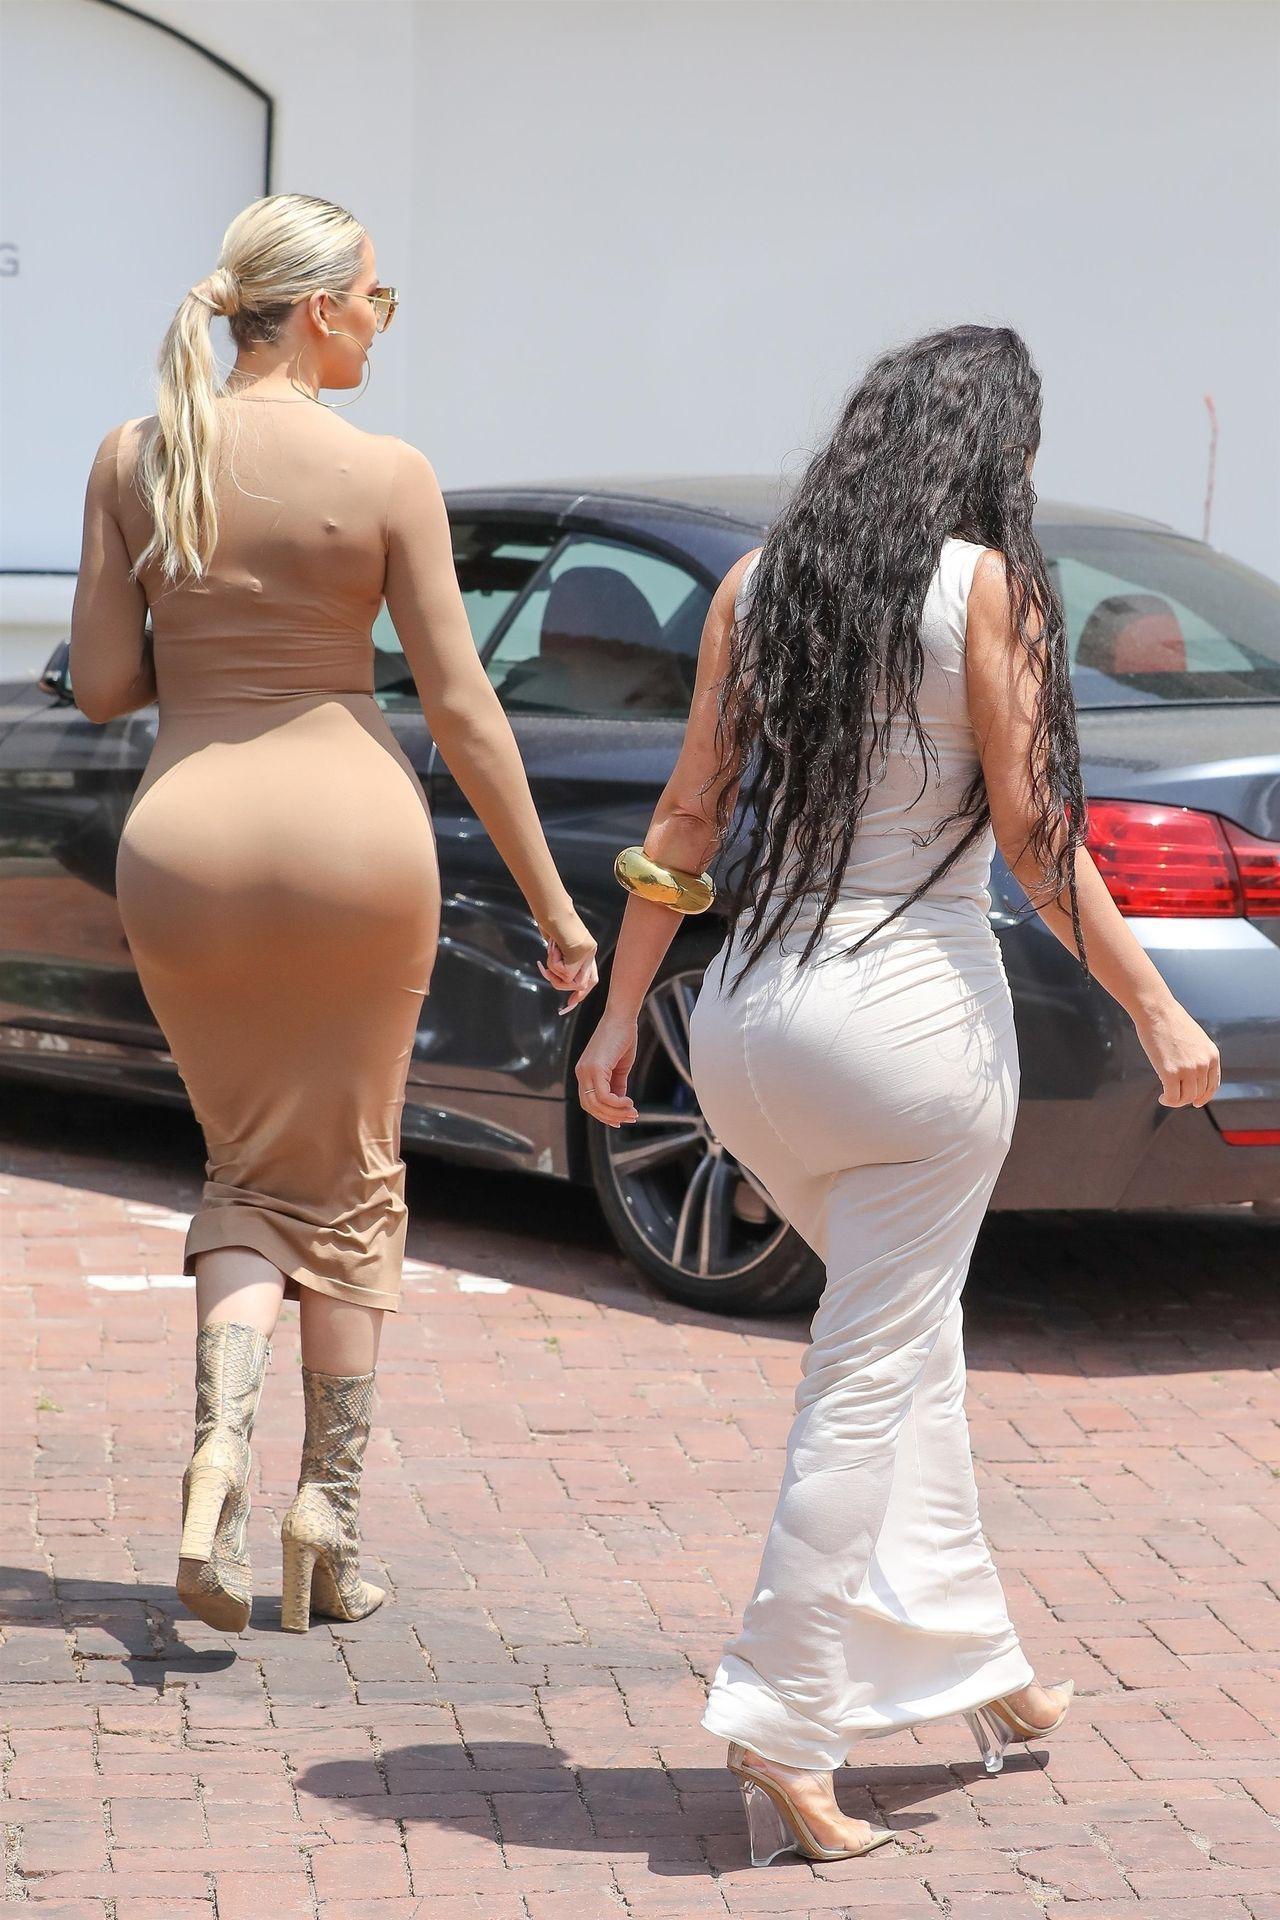 *EXCLUSIVE* Kim and Kourtney Kardashian drop jaws in Malibu